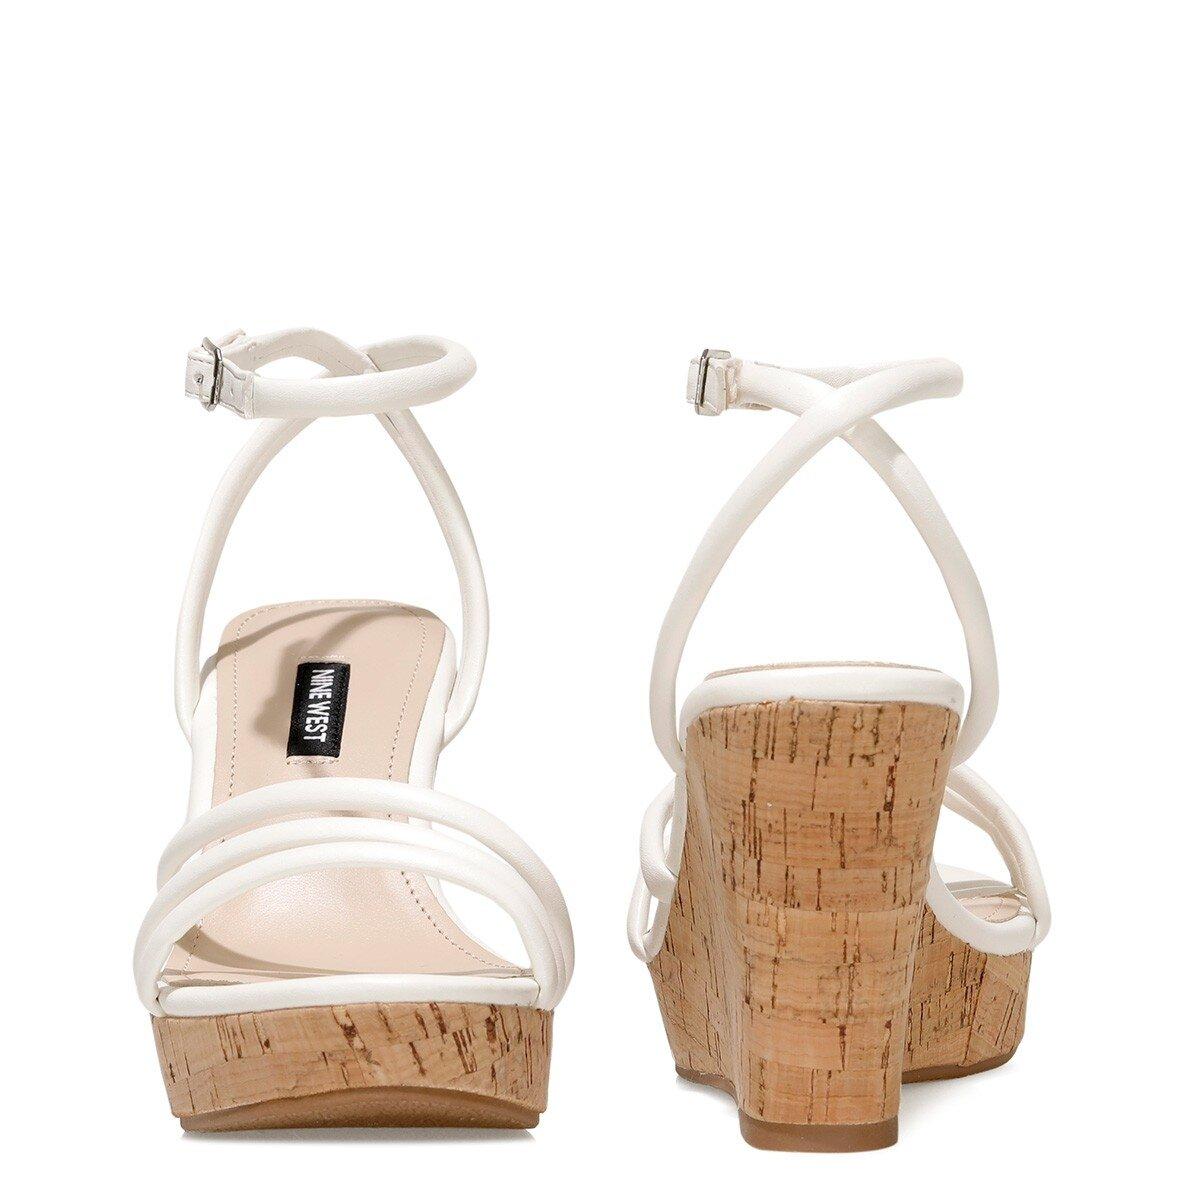 LEROYA 1FX Beyaz Kadın Dolgu Topuklu Sandalet